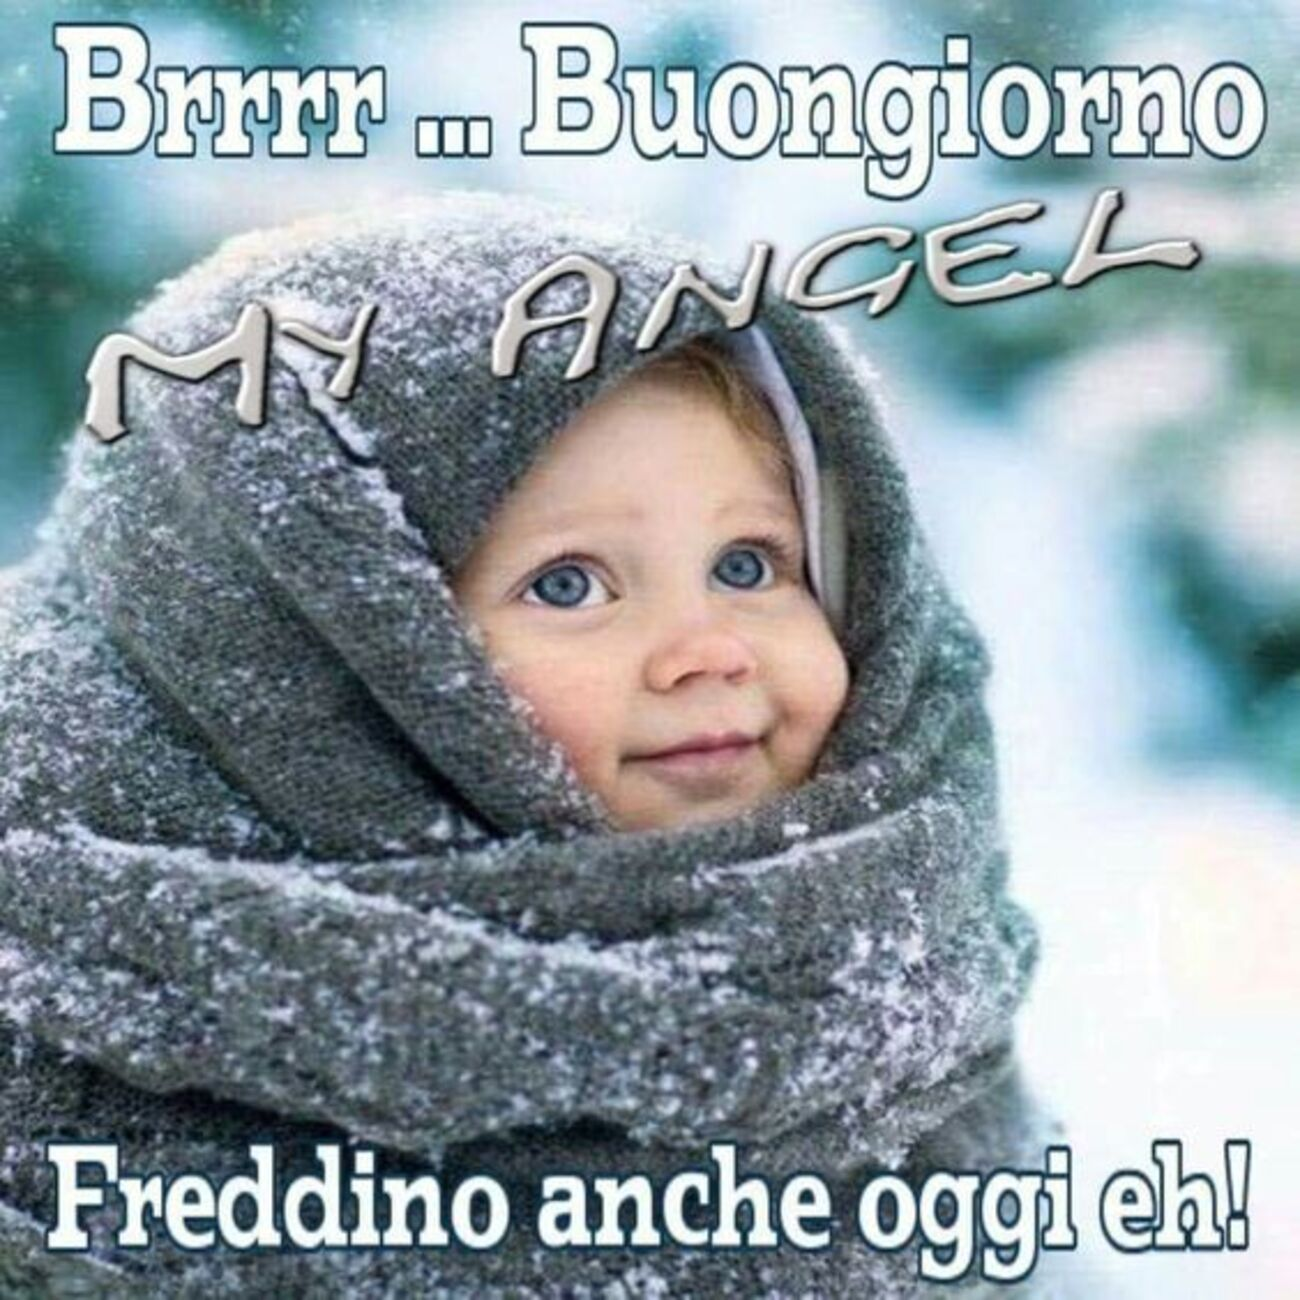 Brrr... Buongiorno Freddino anche oggi eh!